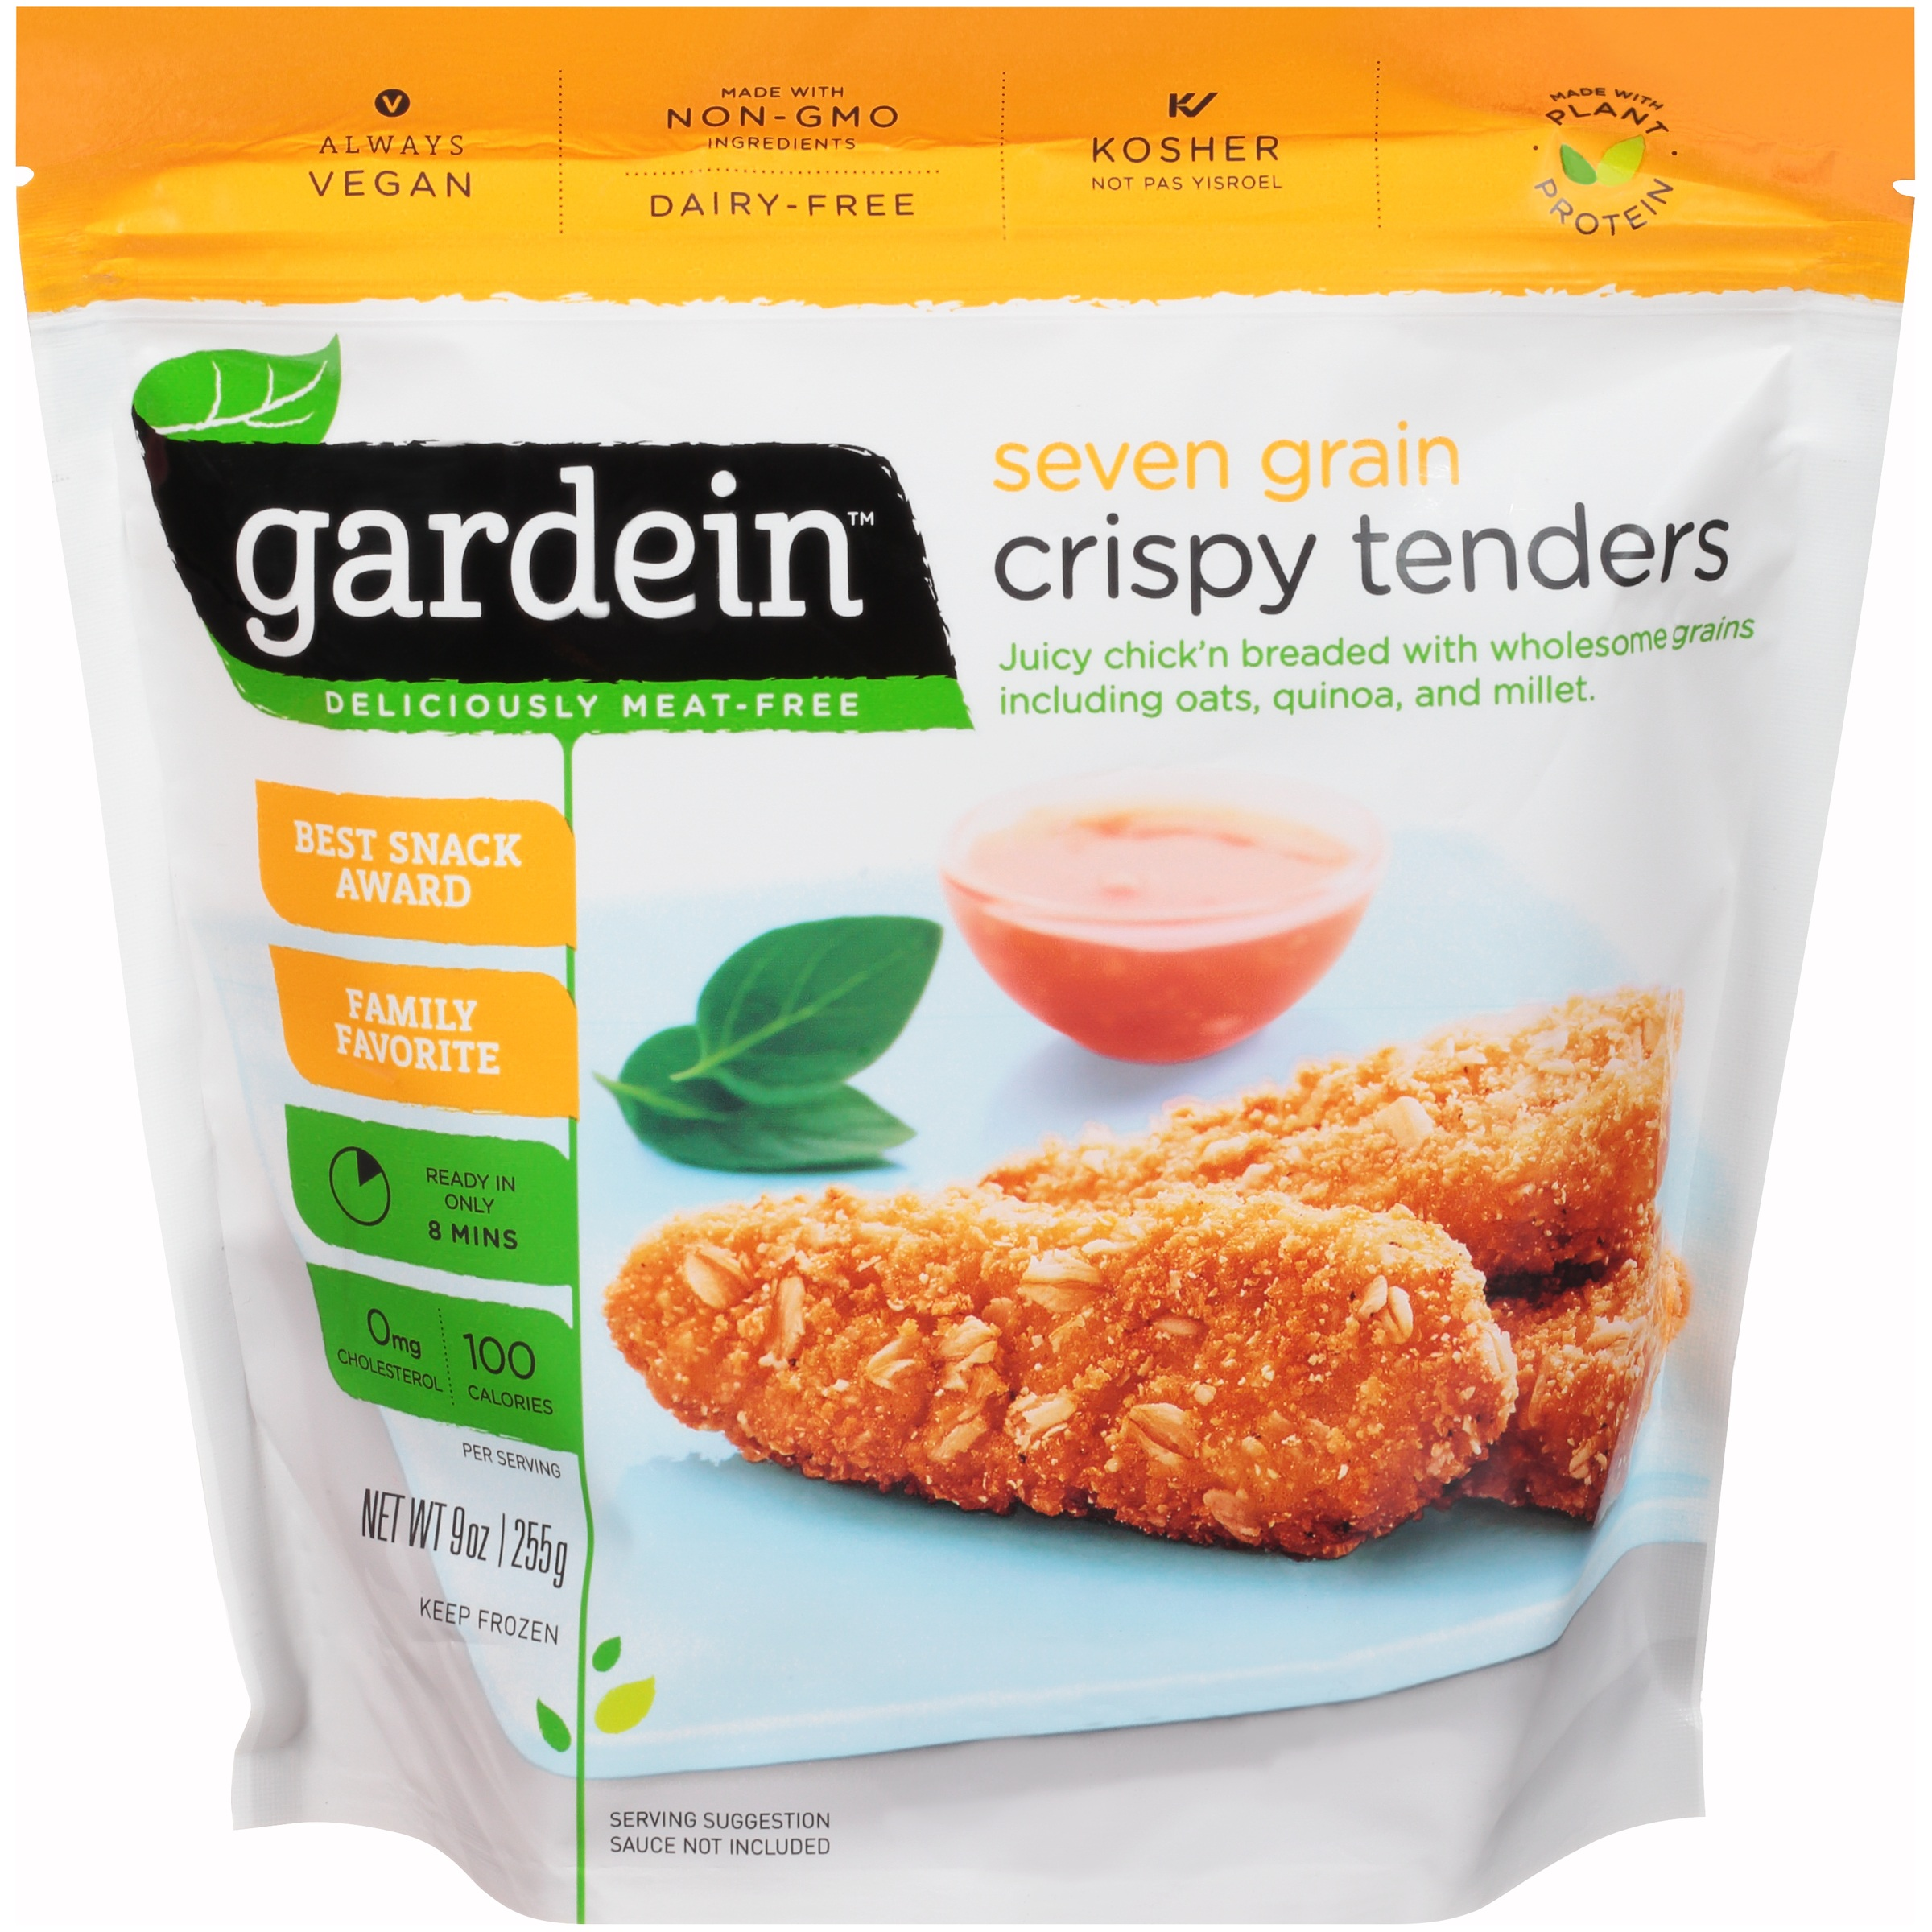 Image result for GardeinSeven Grain Crispy Tenders